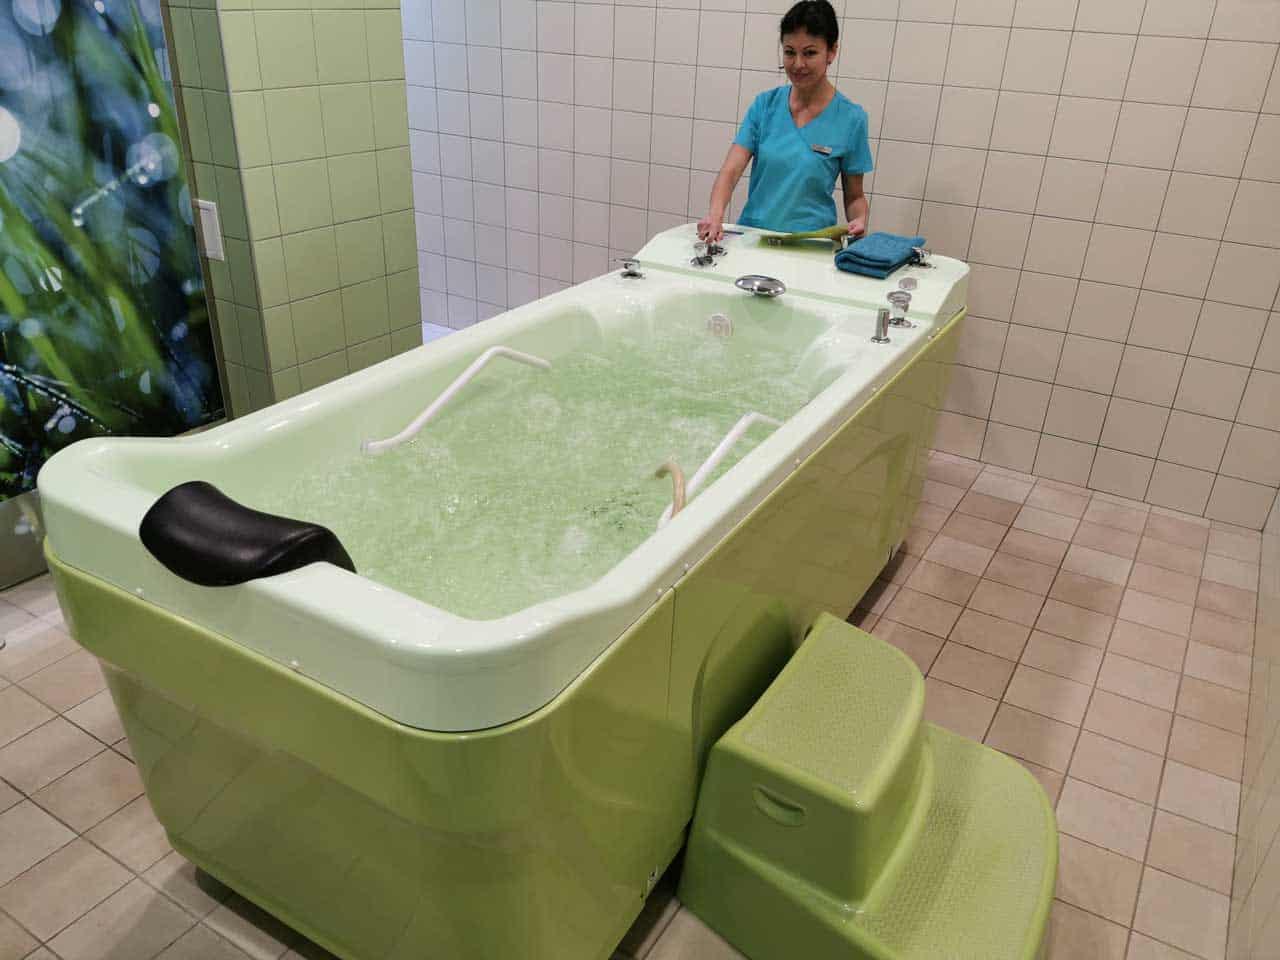 Minealwasserbad von deer Therapeutin eingelassen - Egles Spa (Litauen Spa Hotel)